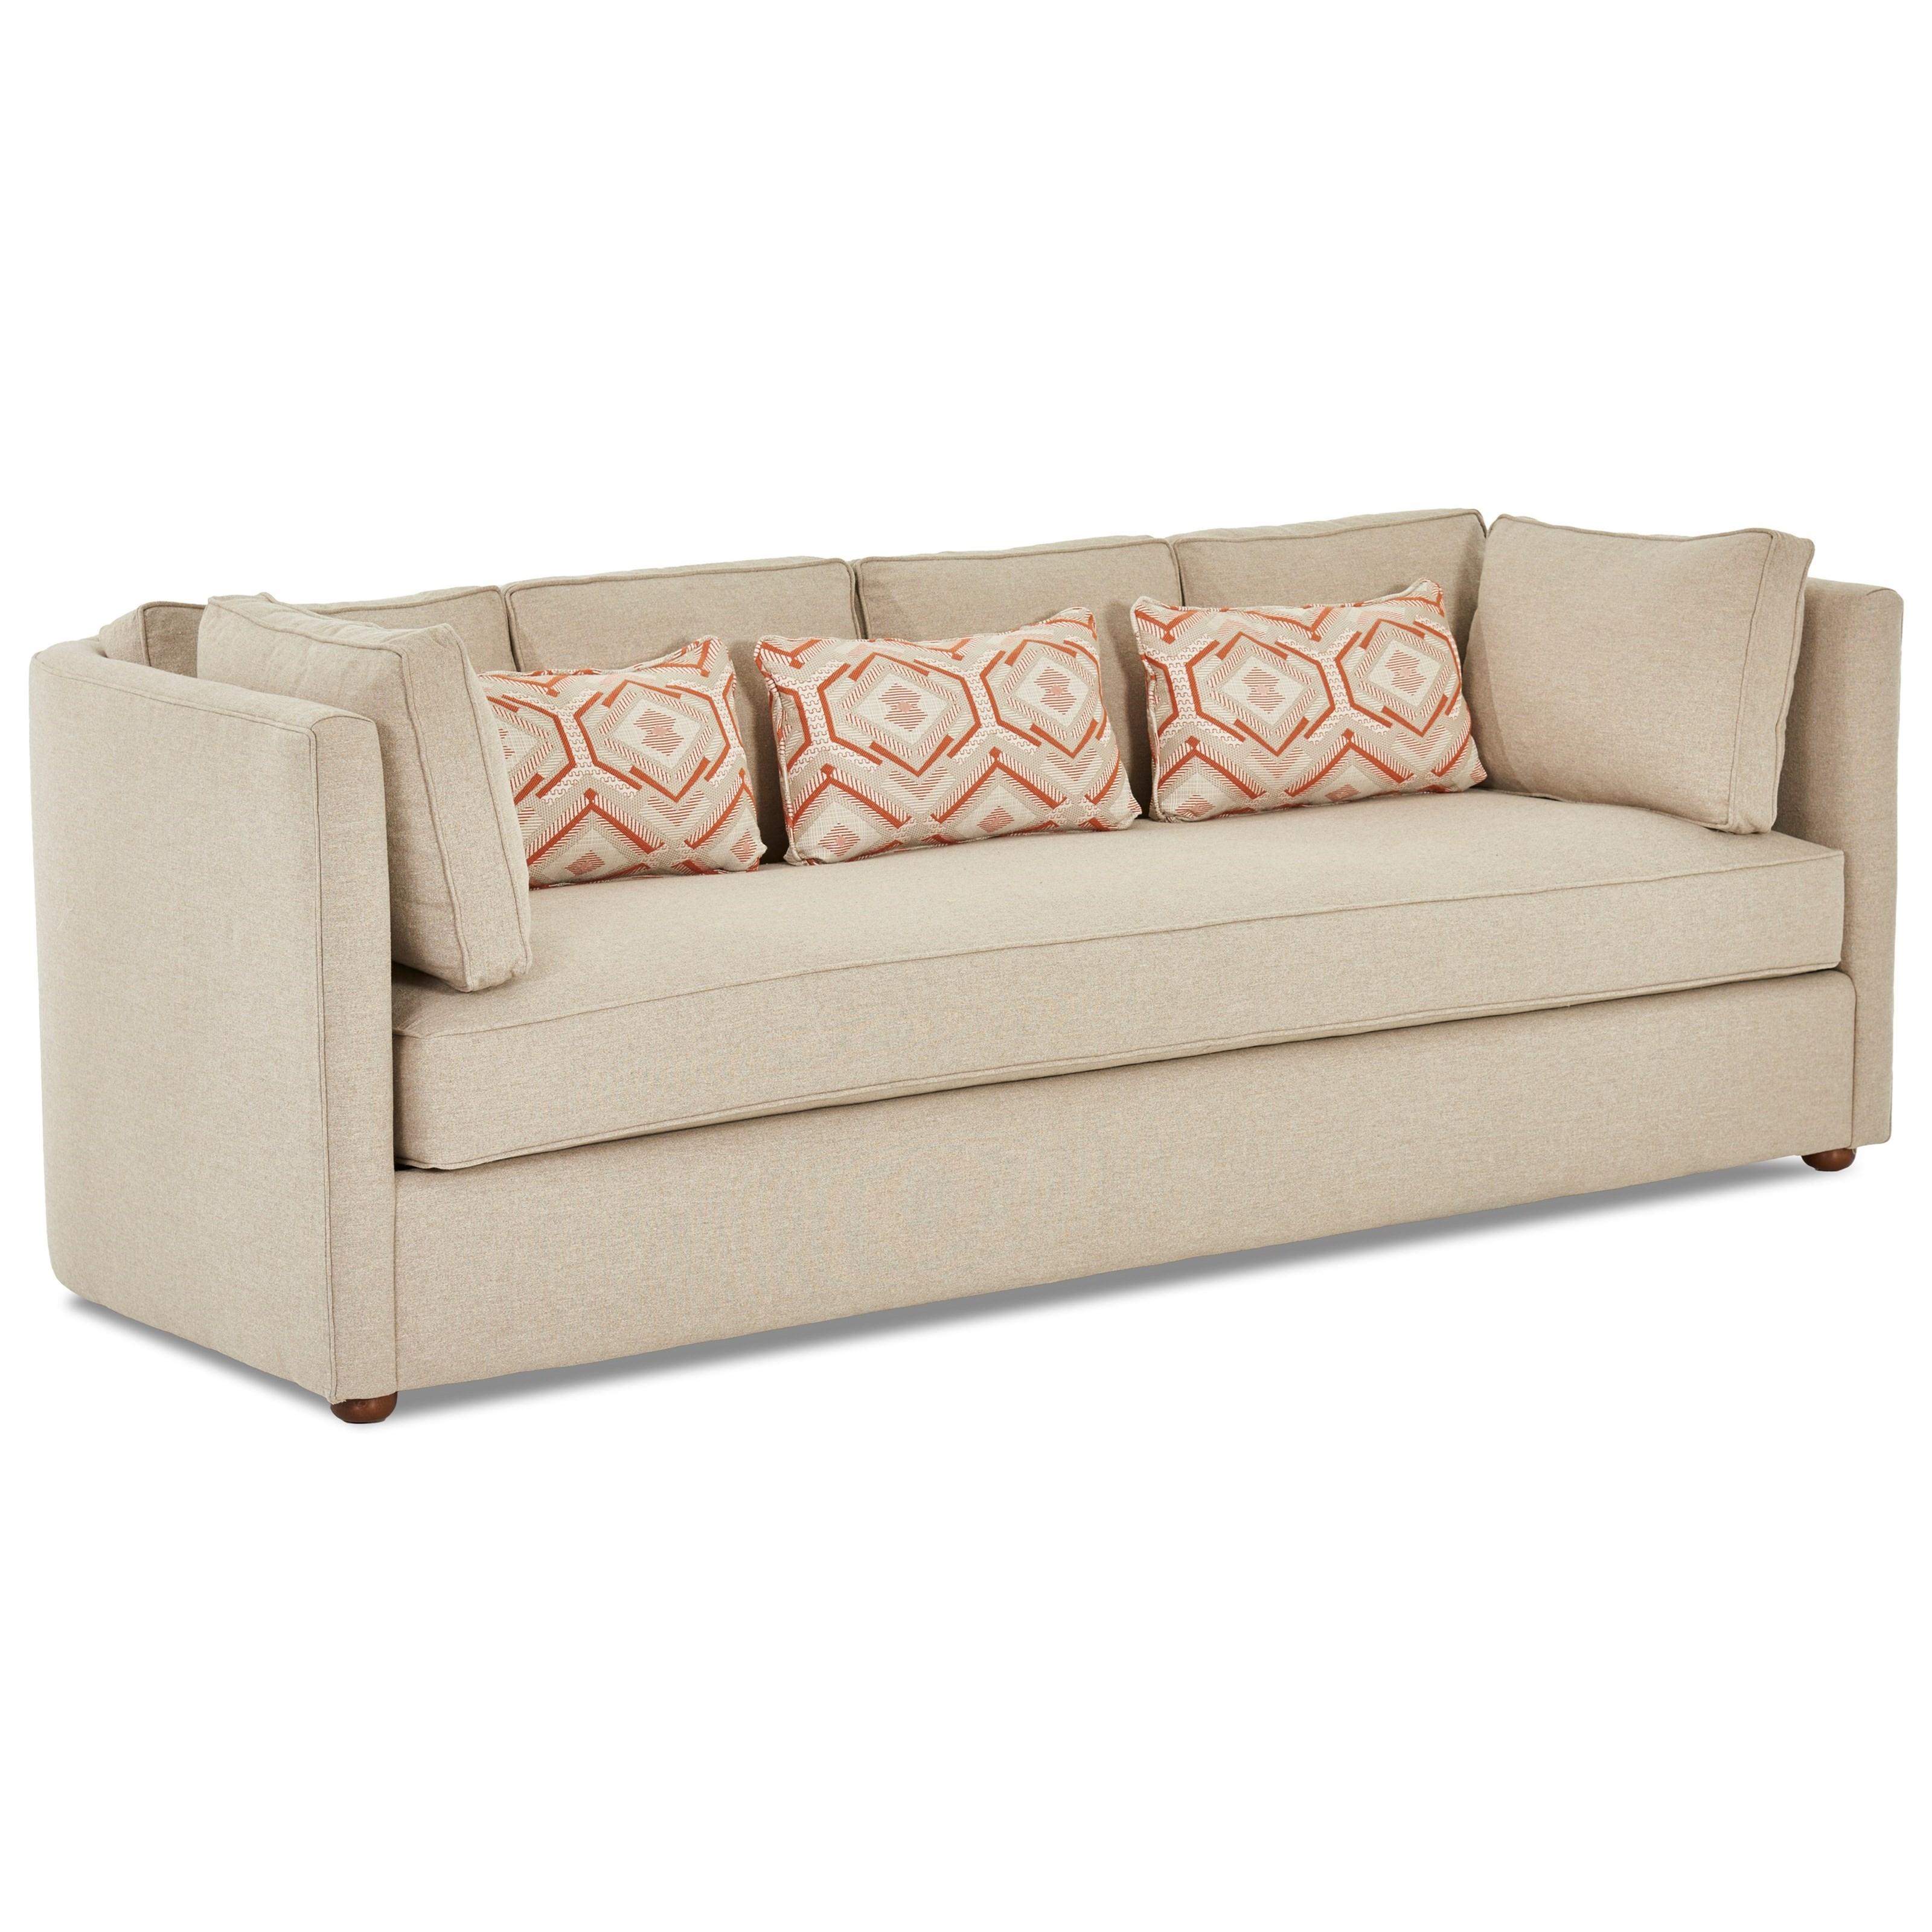 Klaussner Monroe Sofa   Item Number: D2100 S EMMA BIEGE